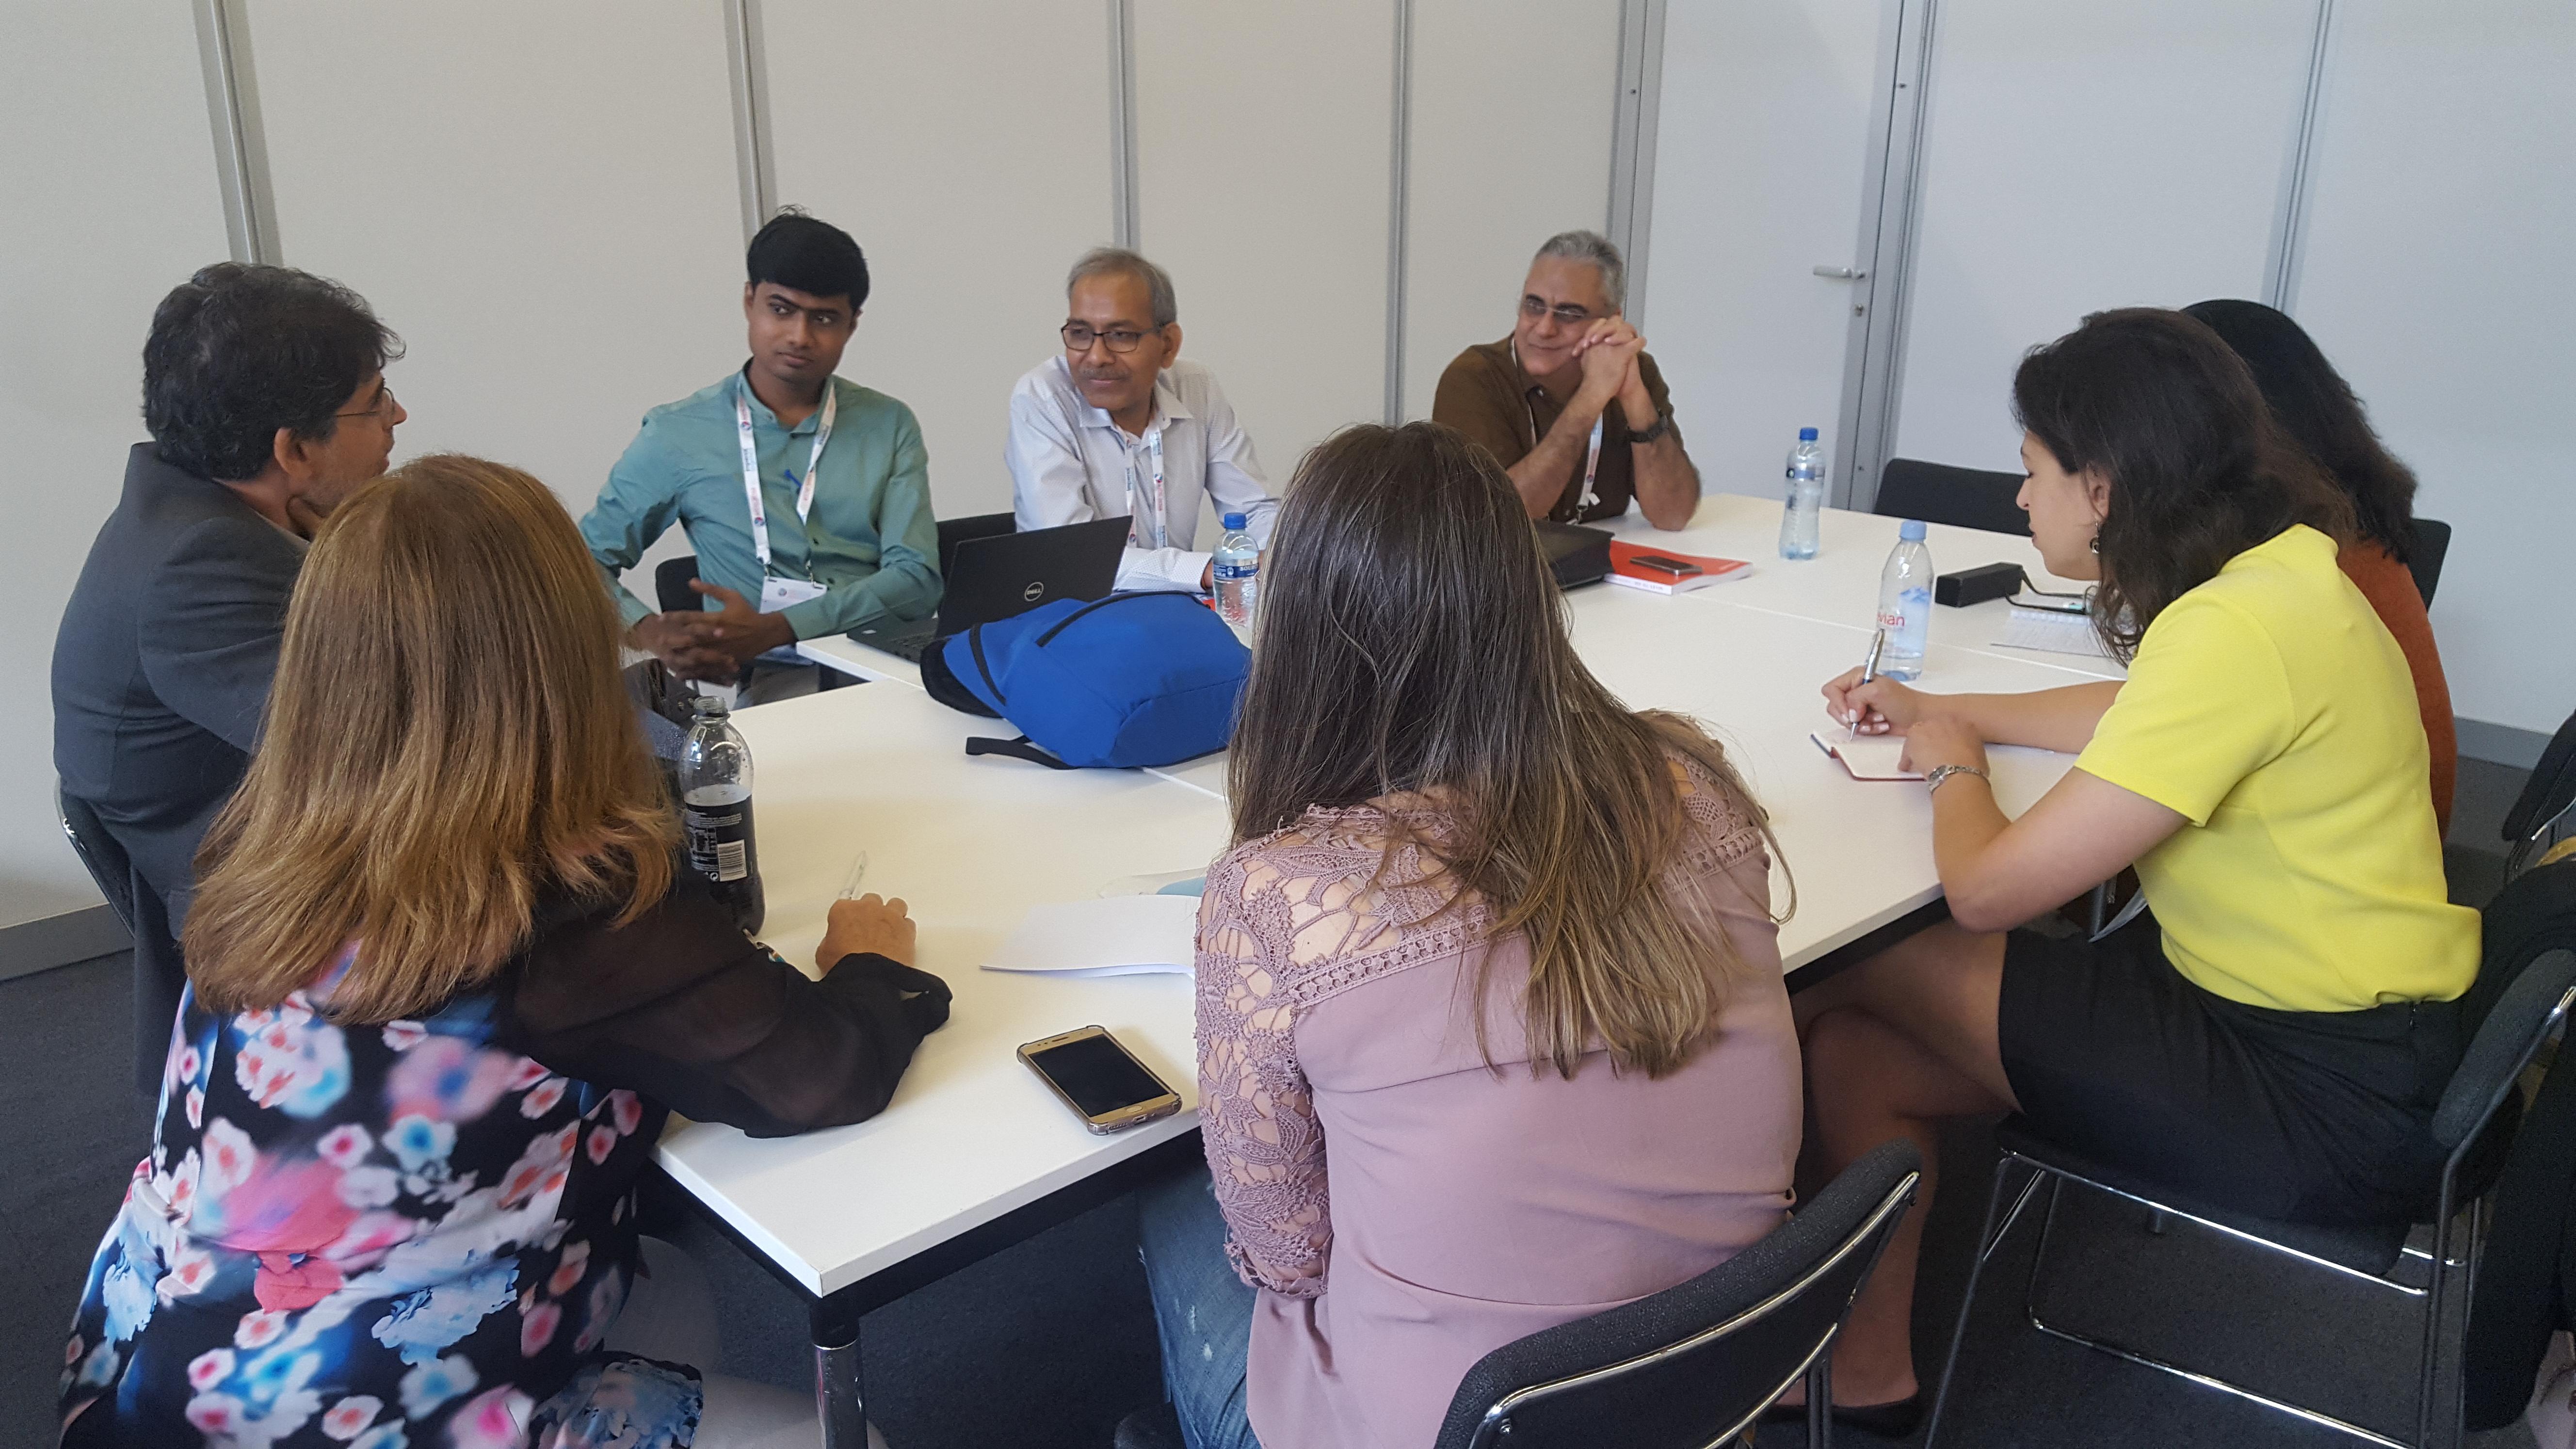 representantes brasileiros e indianos trocaram informações sobre experiências e desafios na área da resposta.